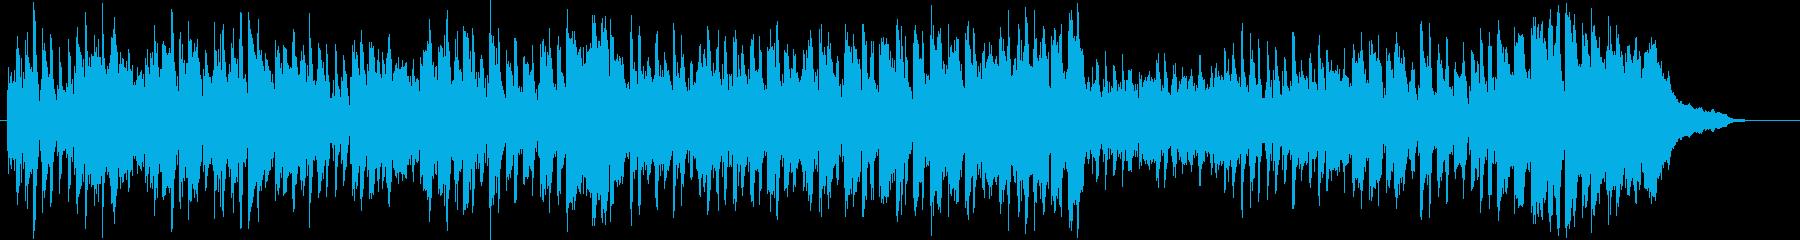 ショパンの練習曲12-2不思議・不安の再生済みの波形